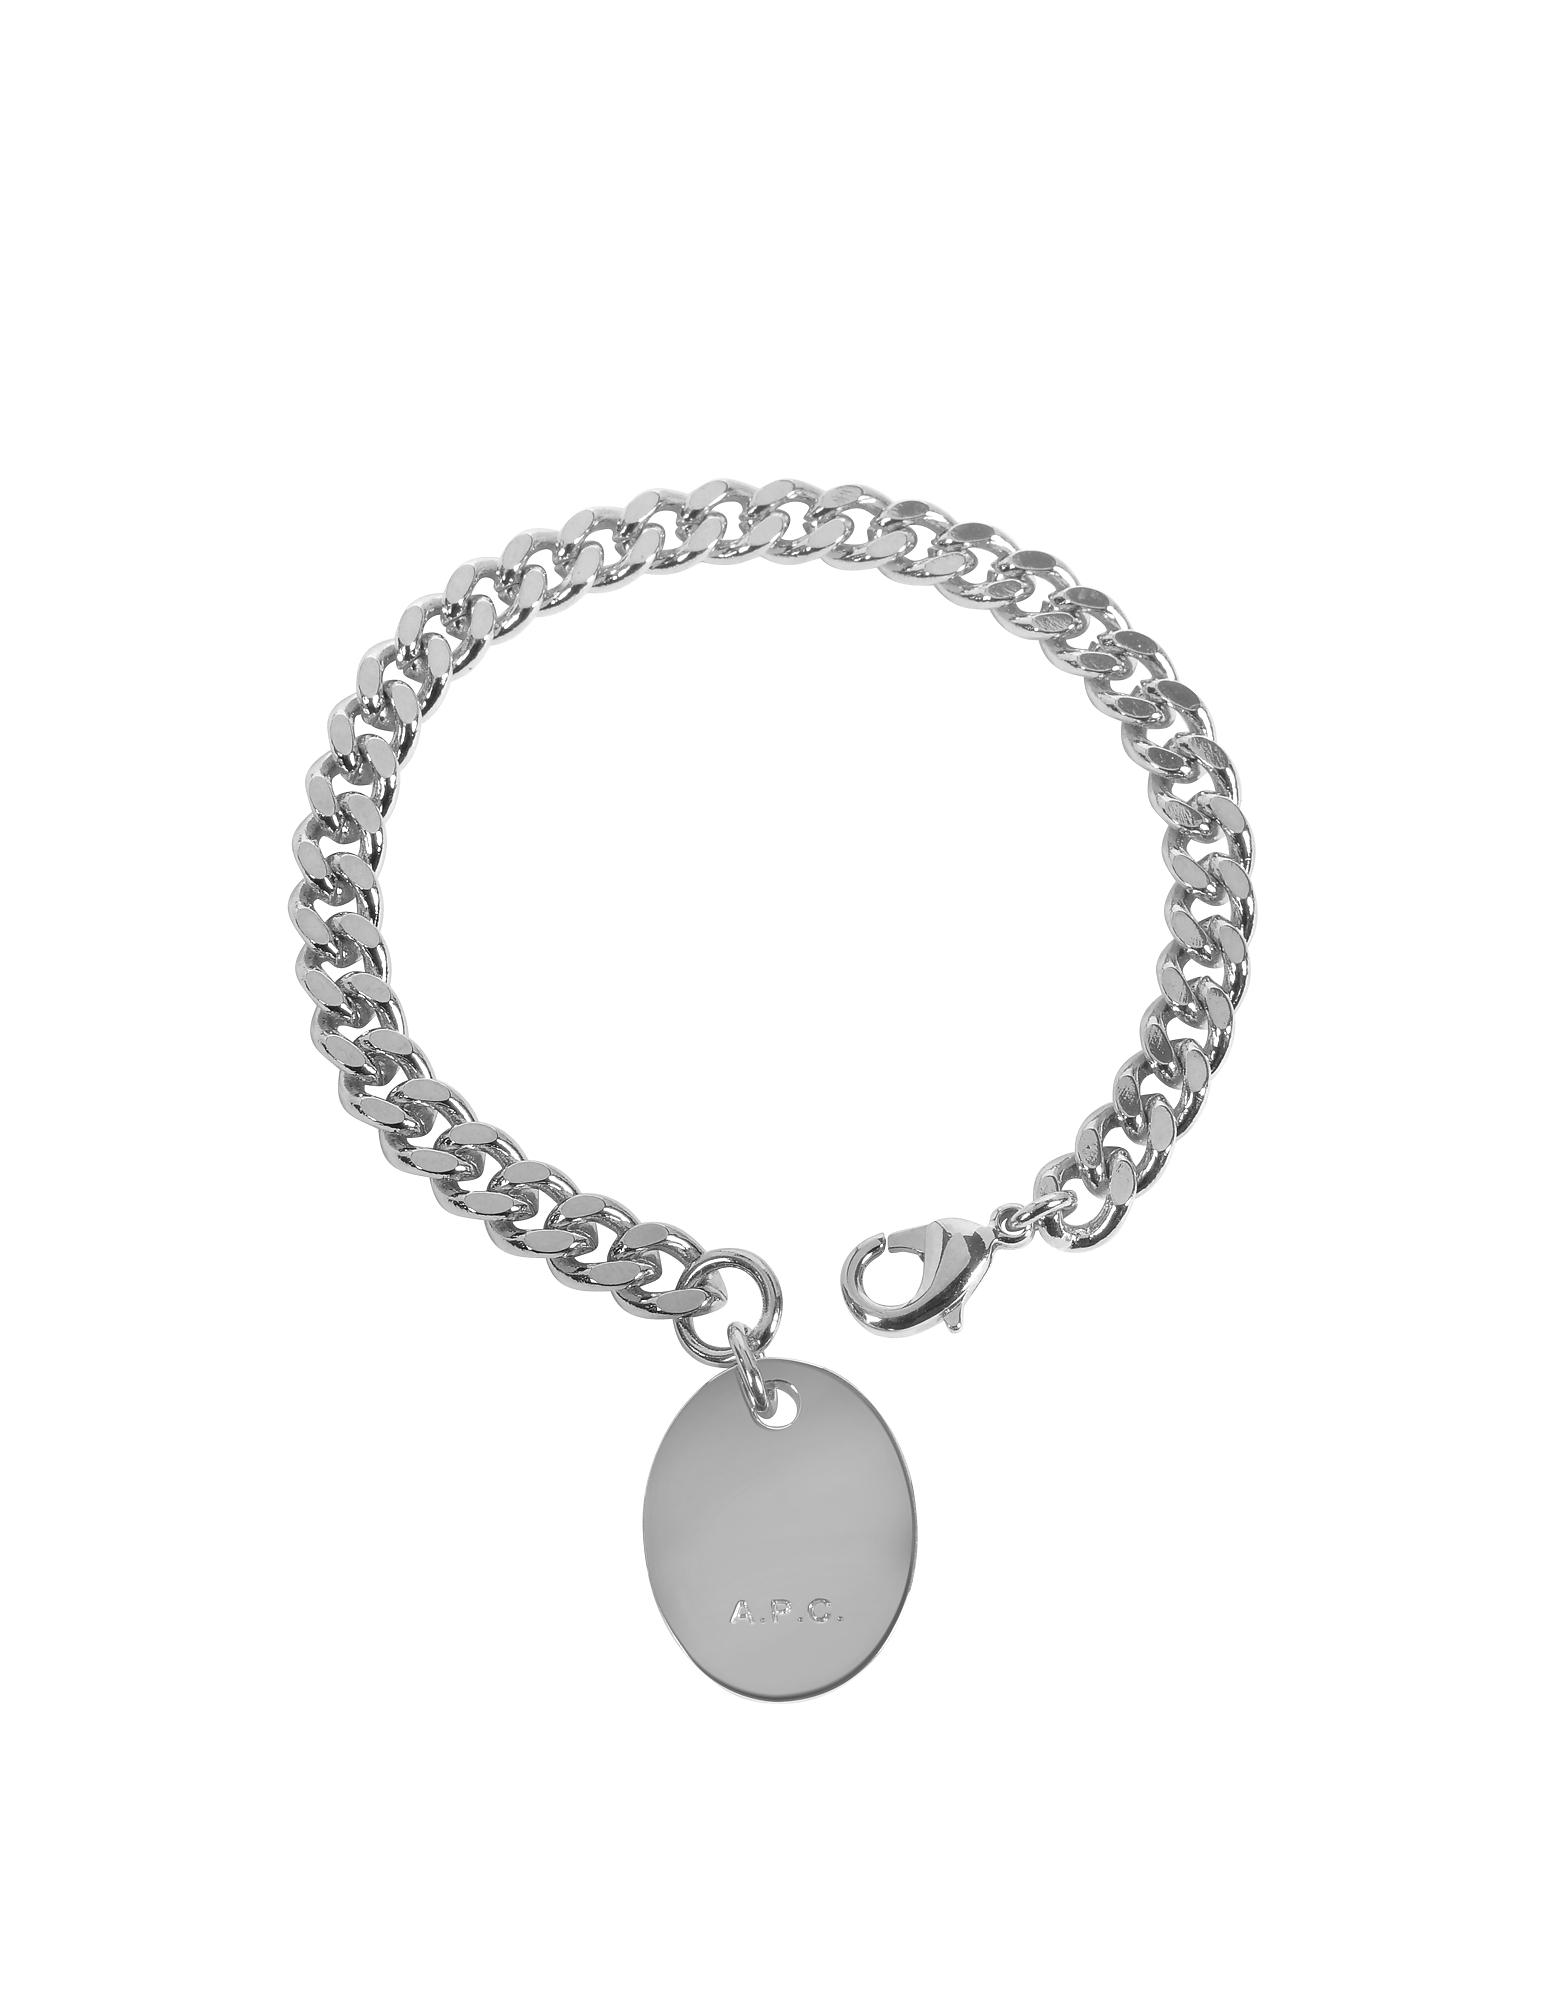 A.P.C. Bracelets, Hannaelle Chain Bracelet w/Oval Charm